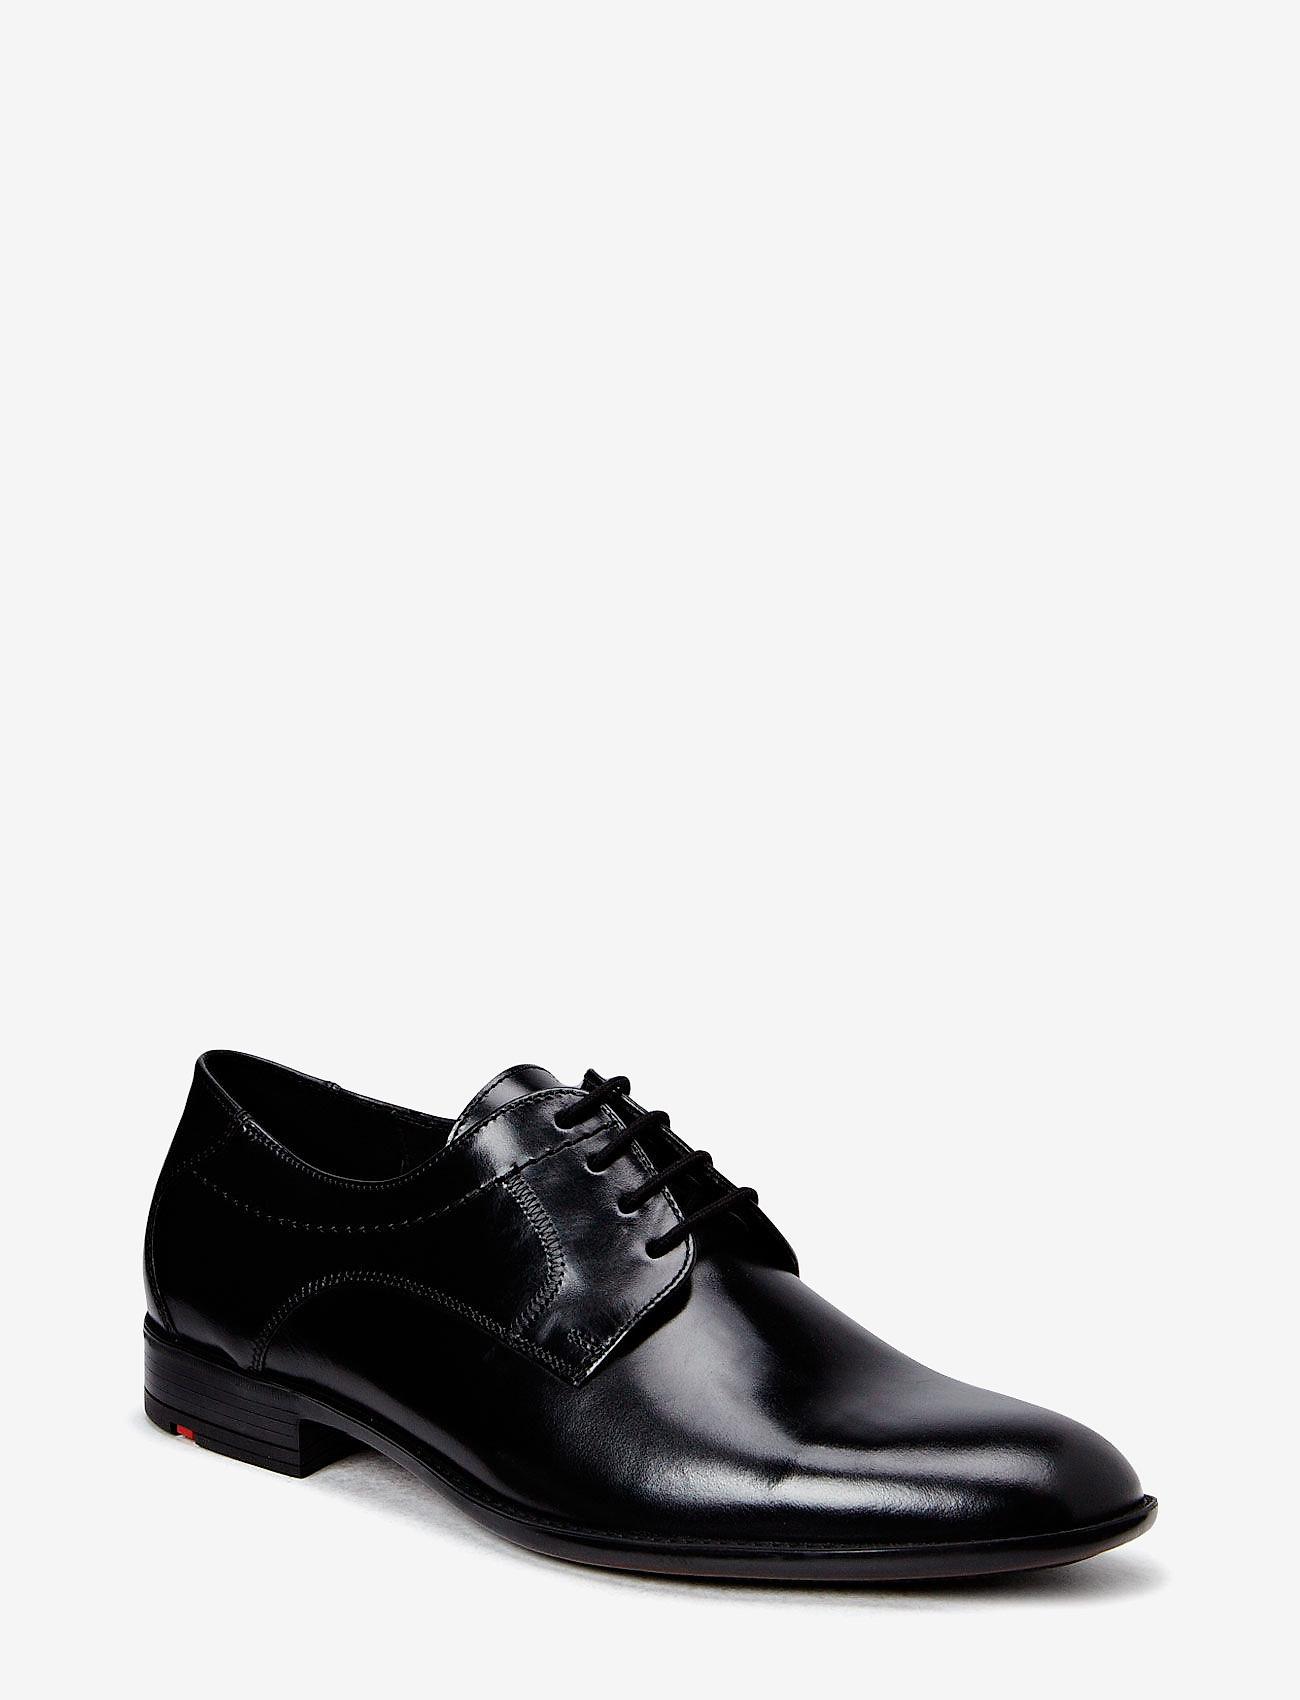 Lloyd - GARVIN - Šņorējamas kurpes - schwarz - 0